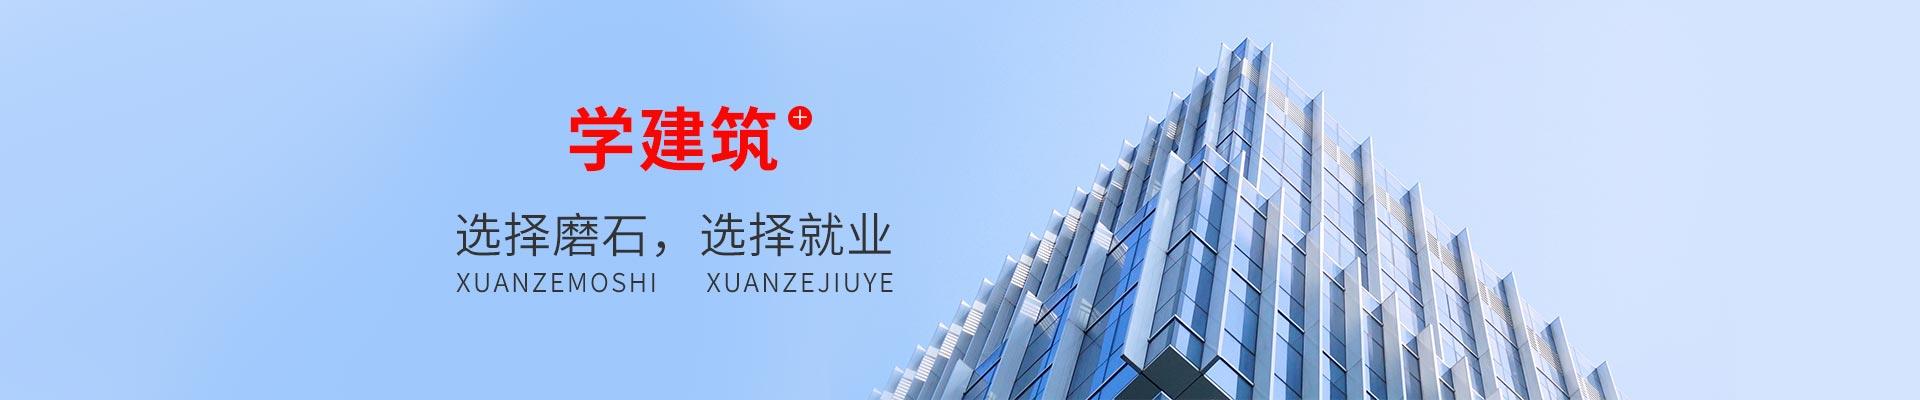 上海磨石教育